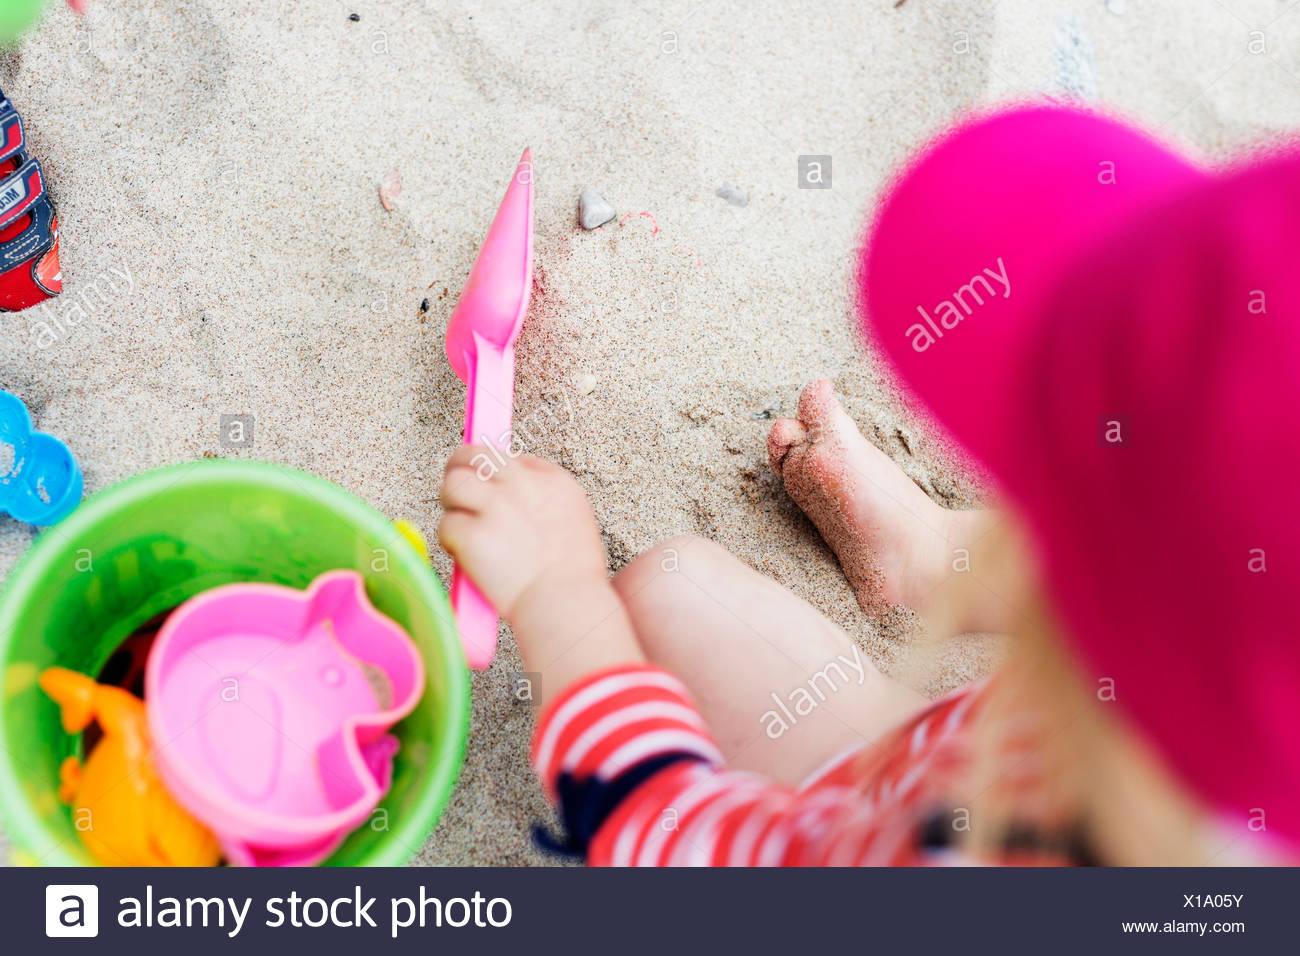 Angolo di Alta Vista della ragazza che gioca con i giochi sulla sabbia in spiaggia Immagini Stock